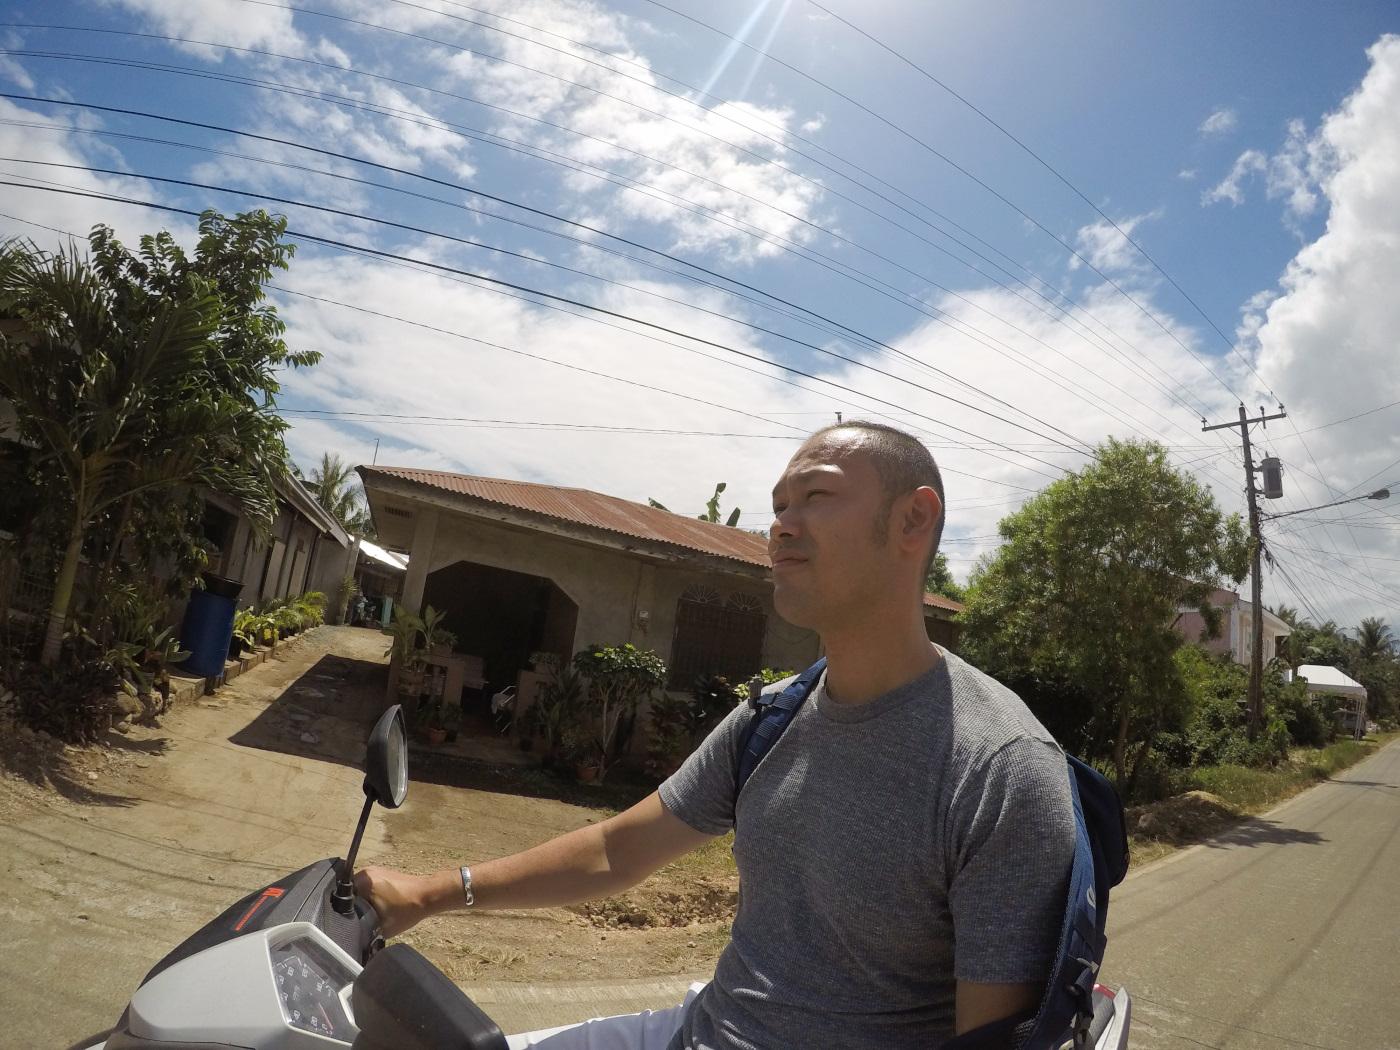 ボホール島でレンタルバイクに乗っている男性